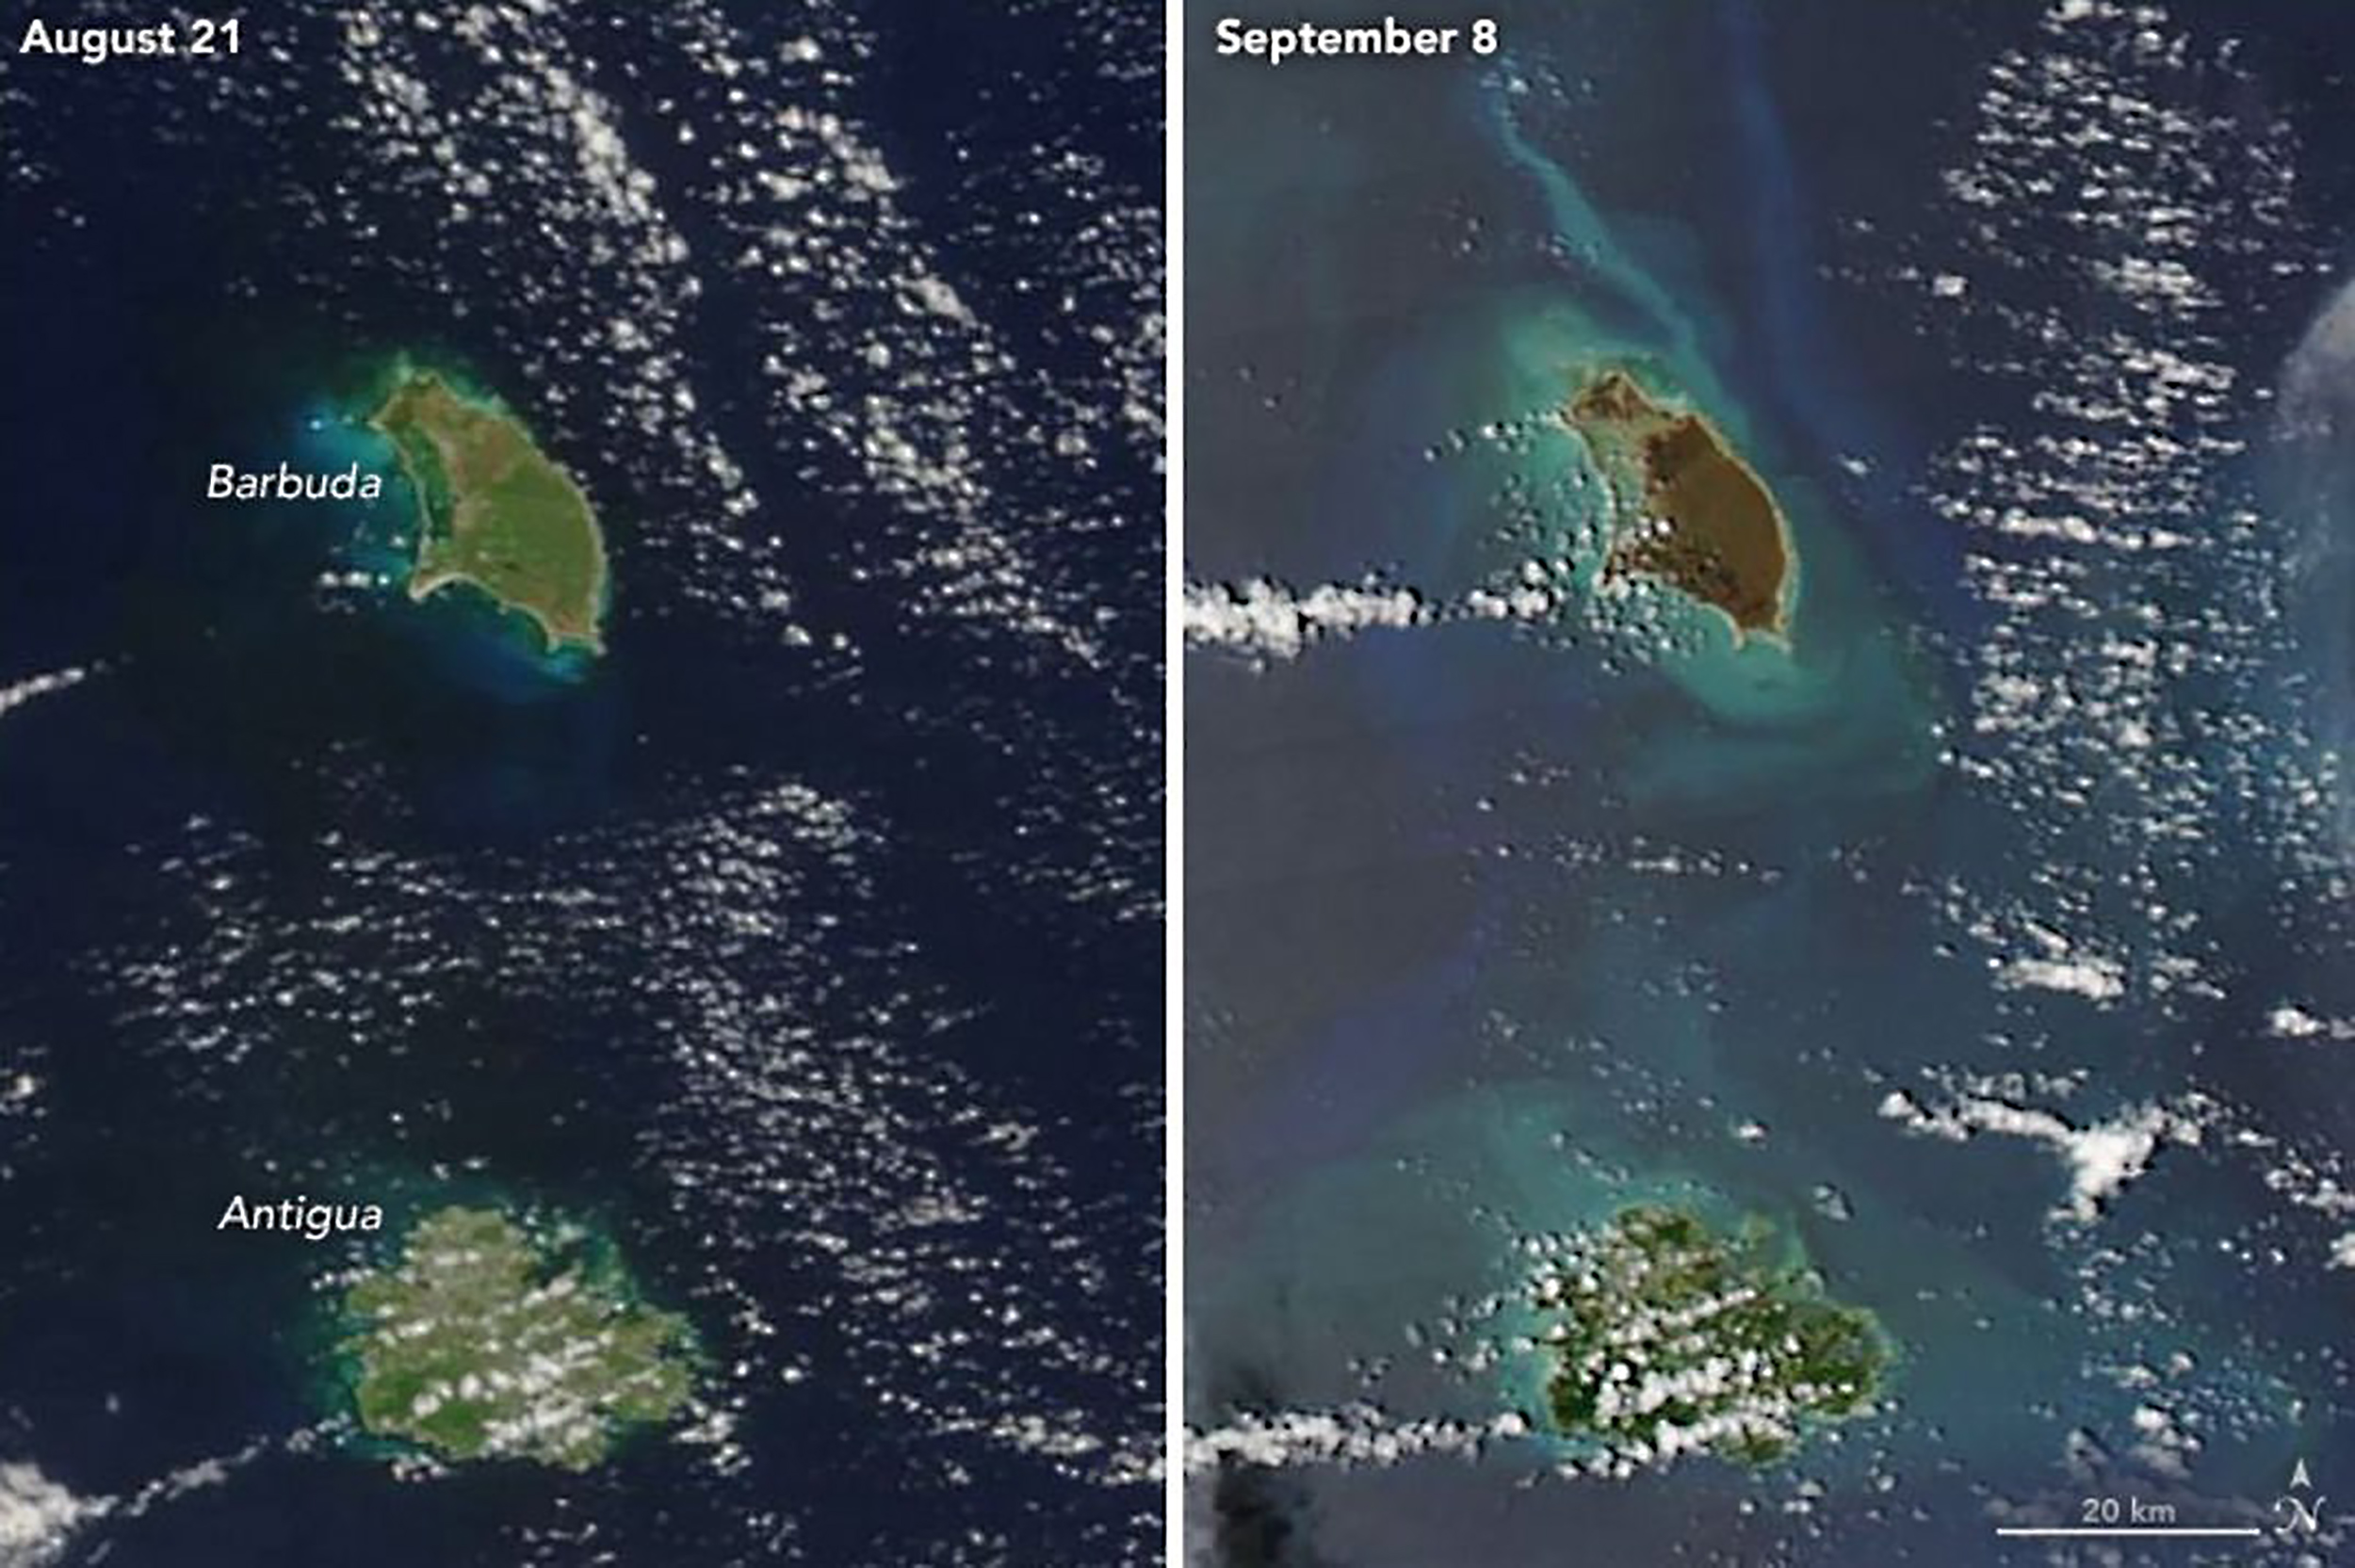 Image: Barbuda